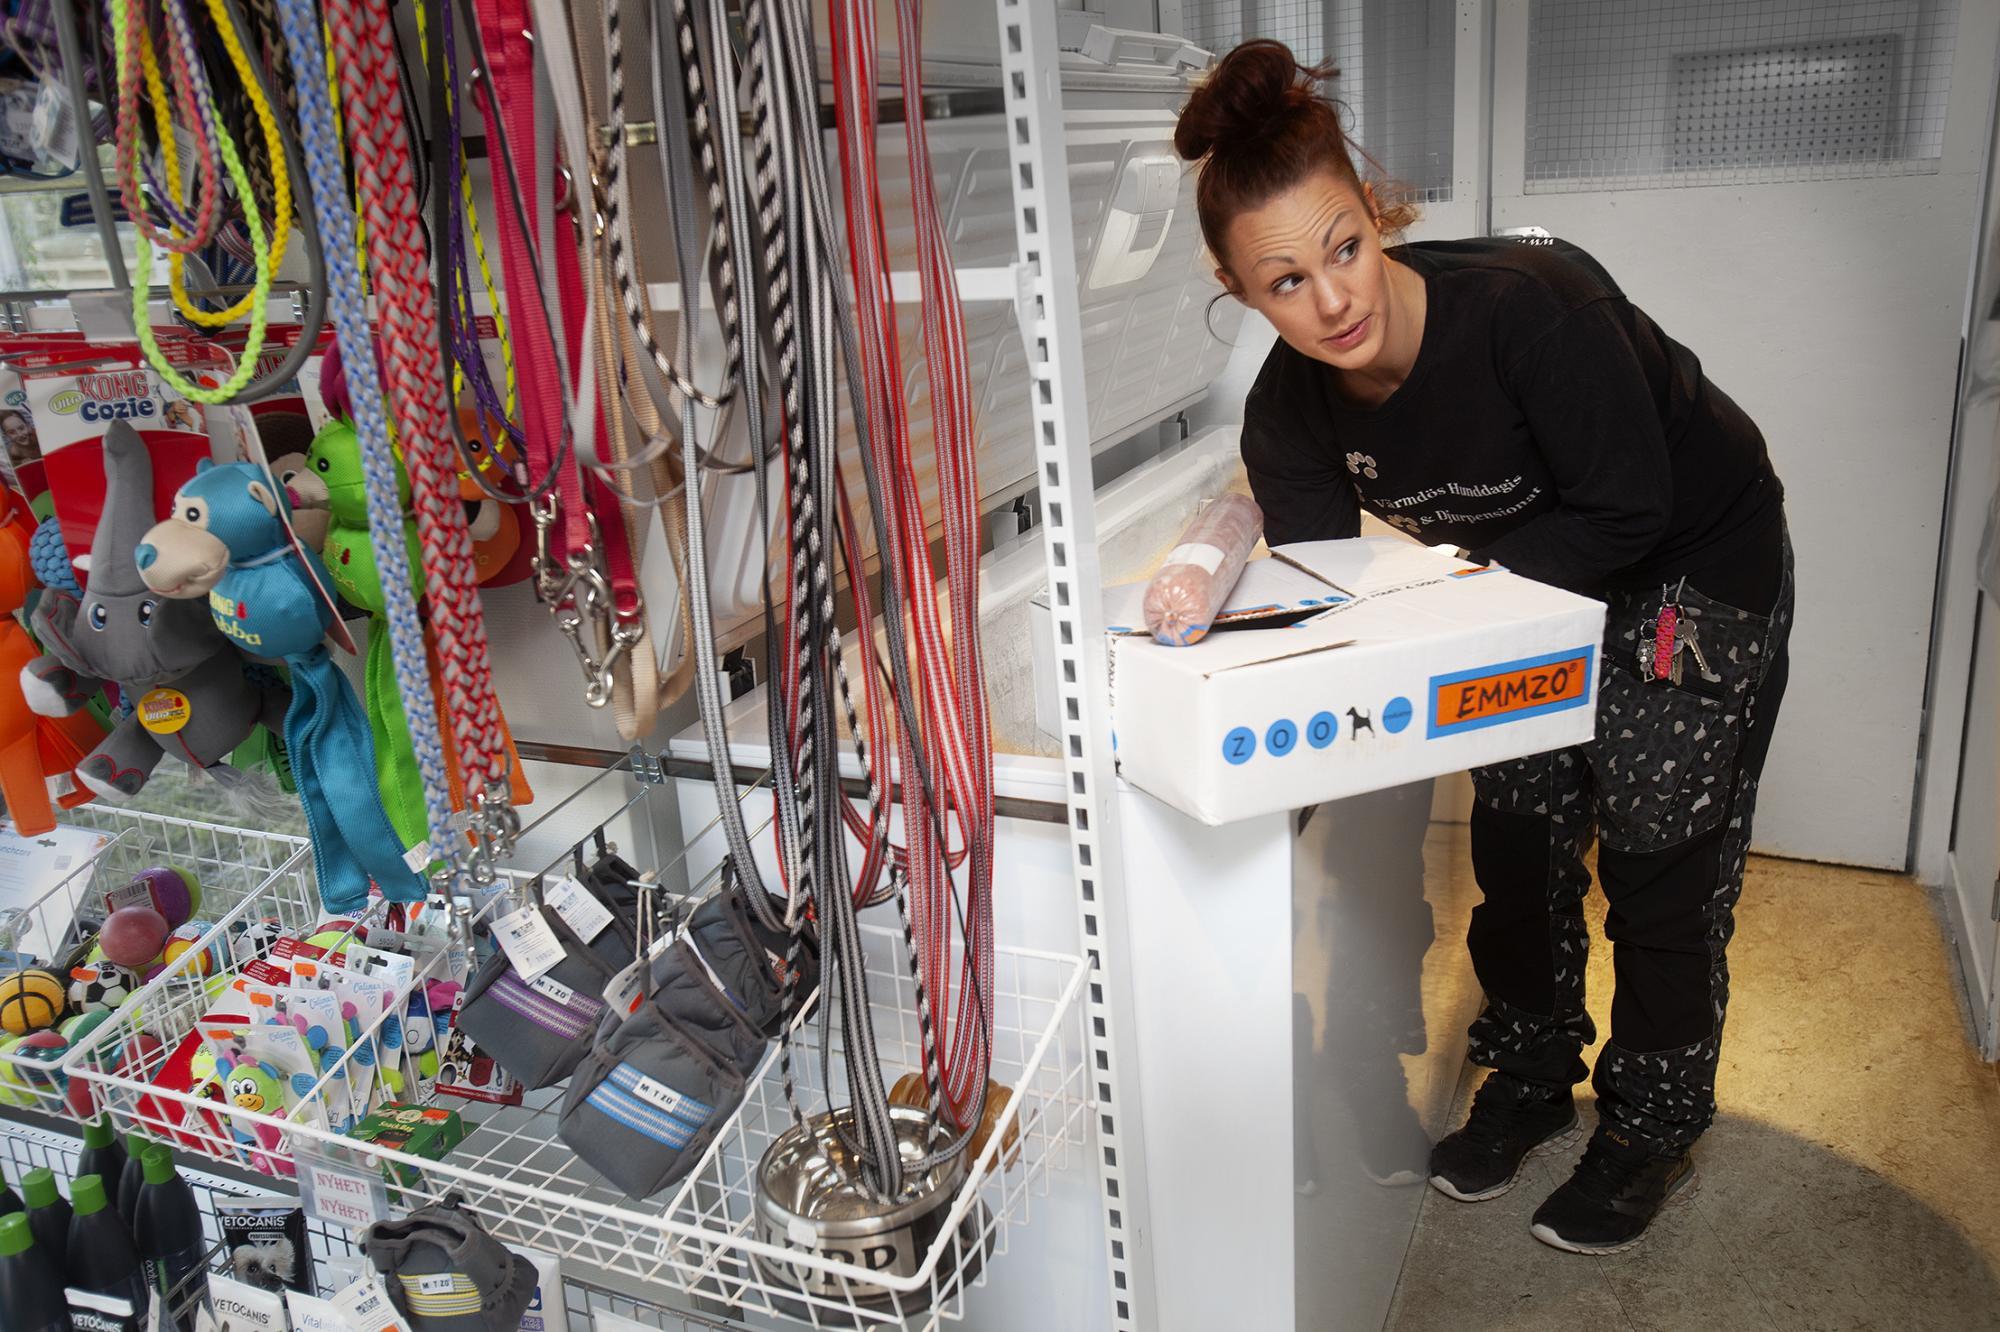 Värmdös hunddagis går för tillfället plus-minus noll & Josefine berättar att det är svårt att göra inköp till butiken.